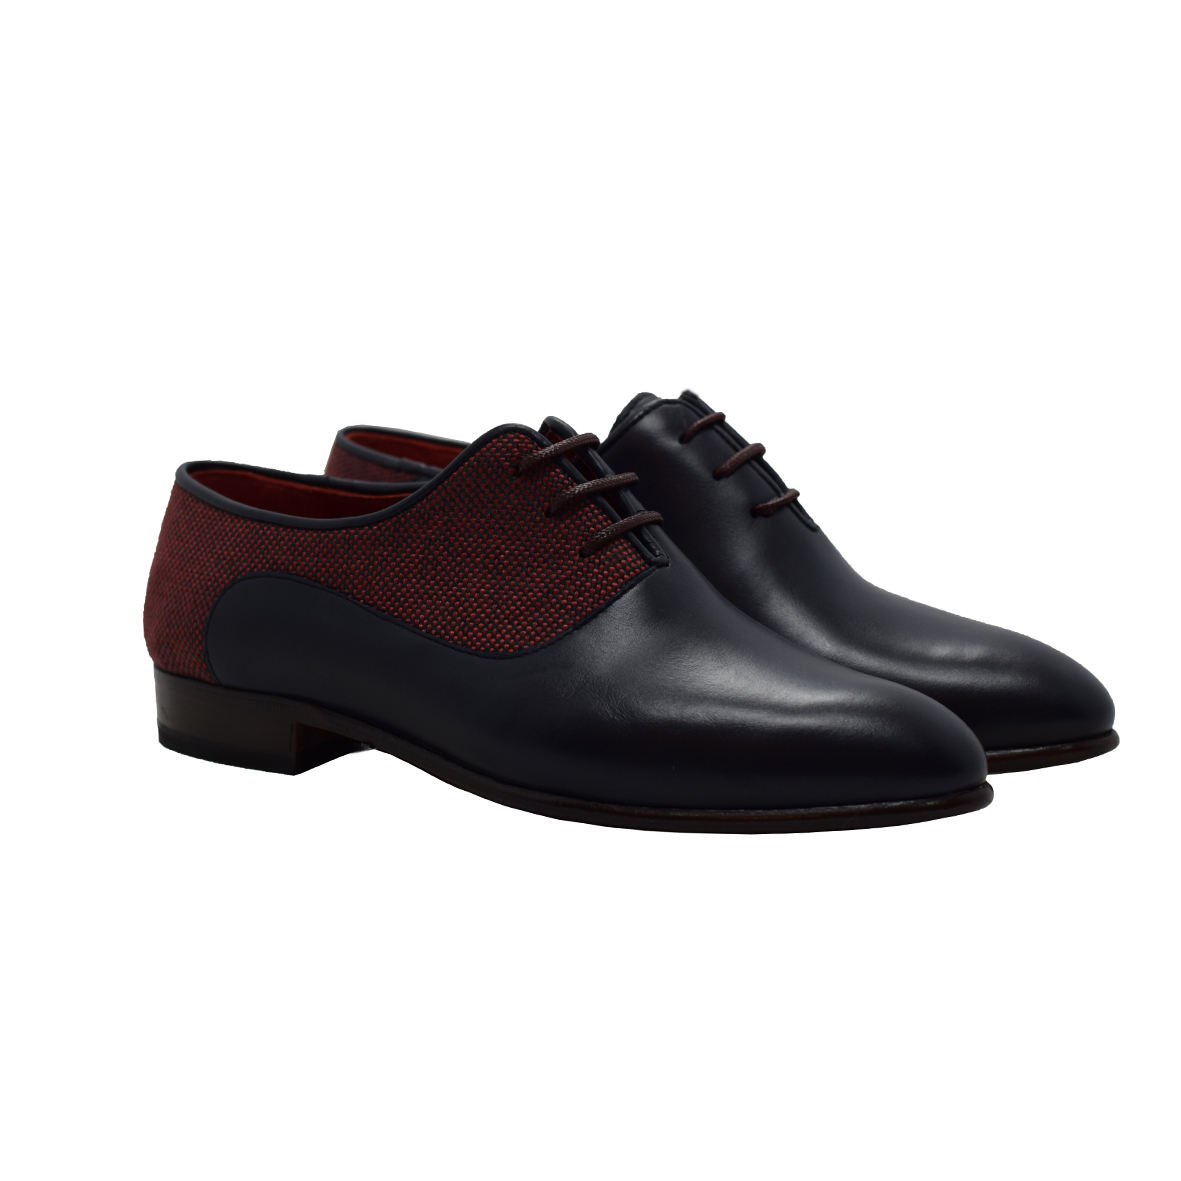 کفش زنانه دگرمان مدل آذر کد deg.1az1302 -  - 3